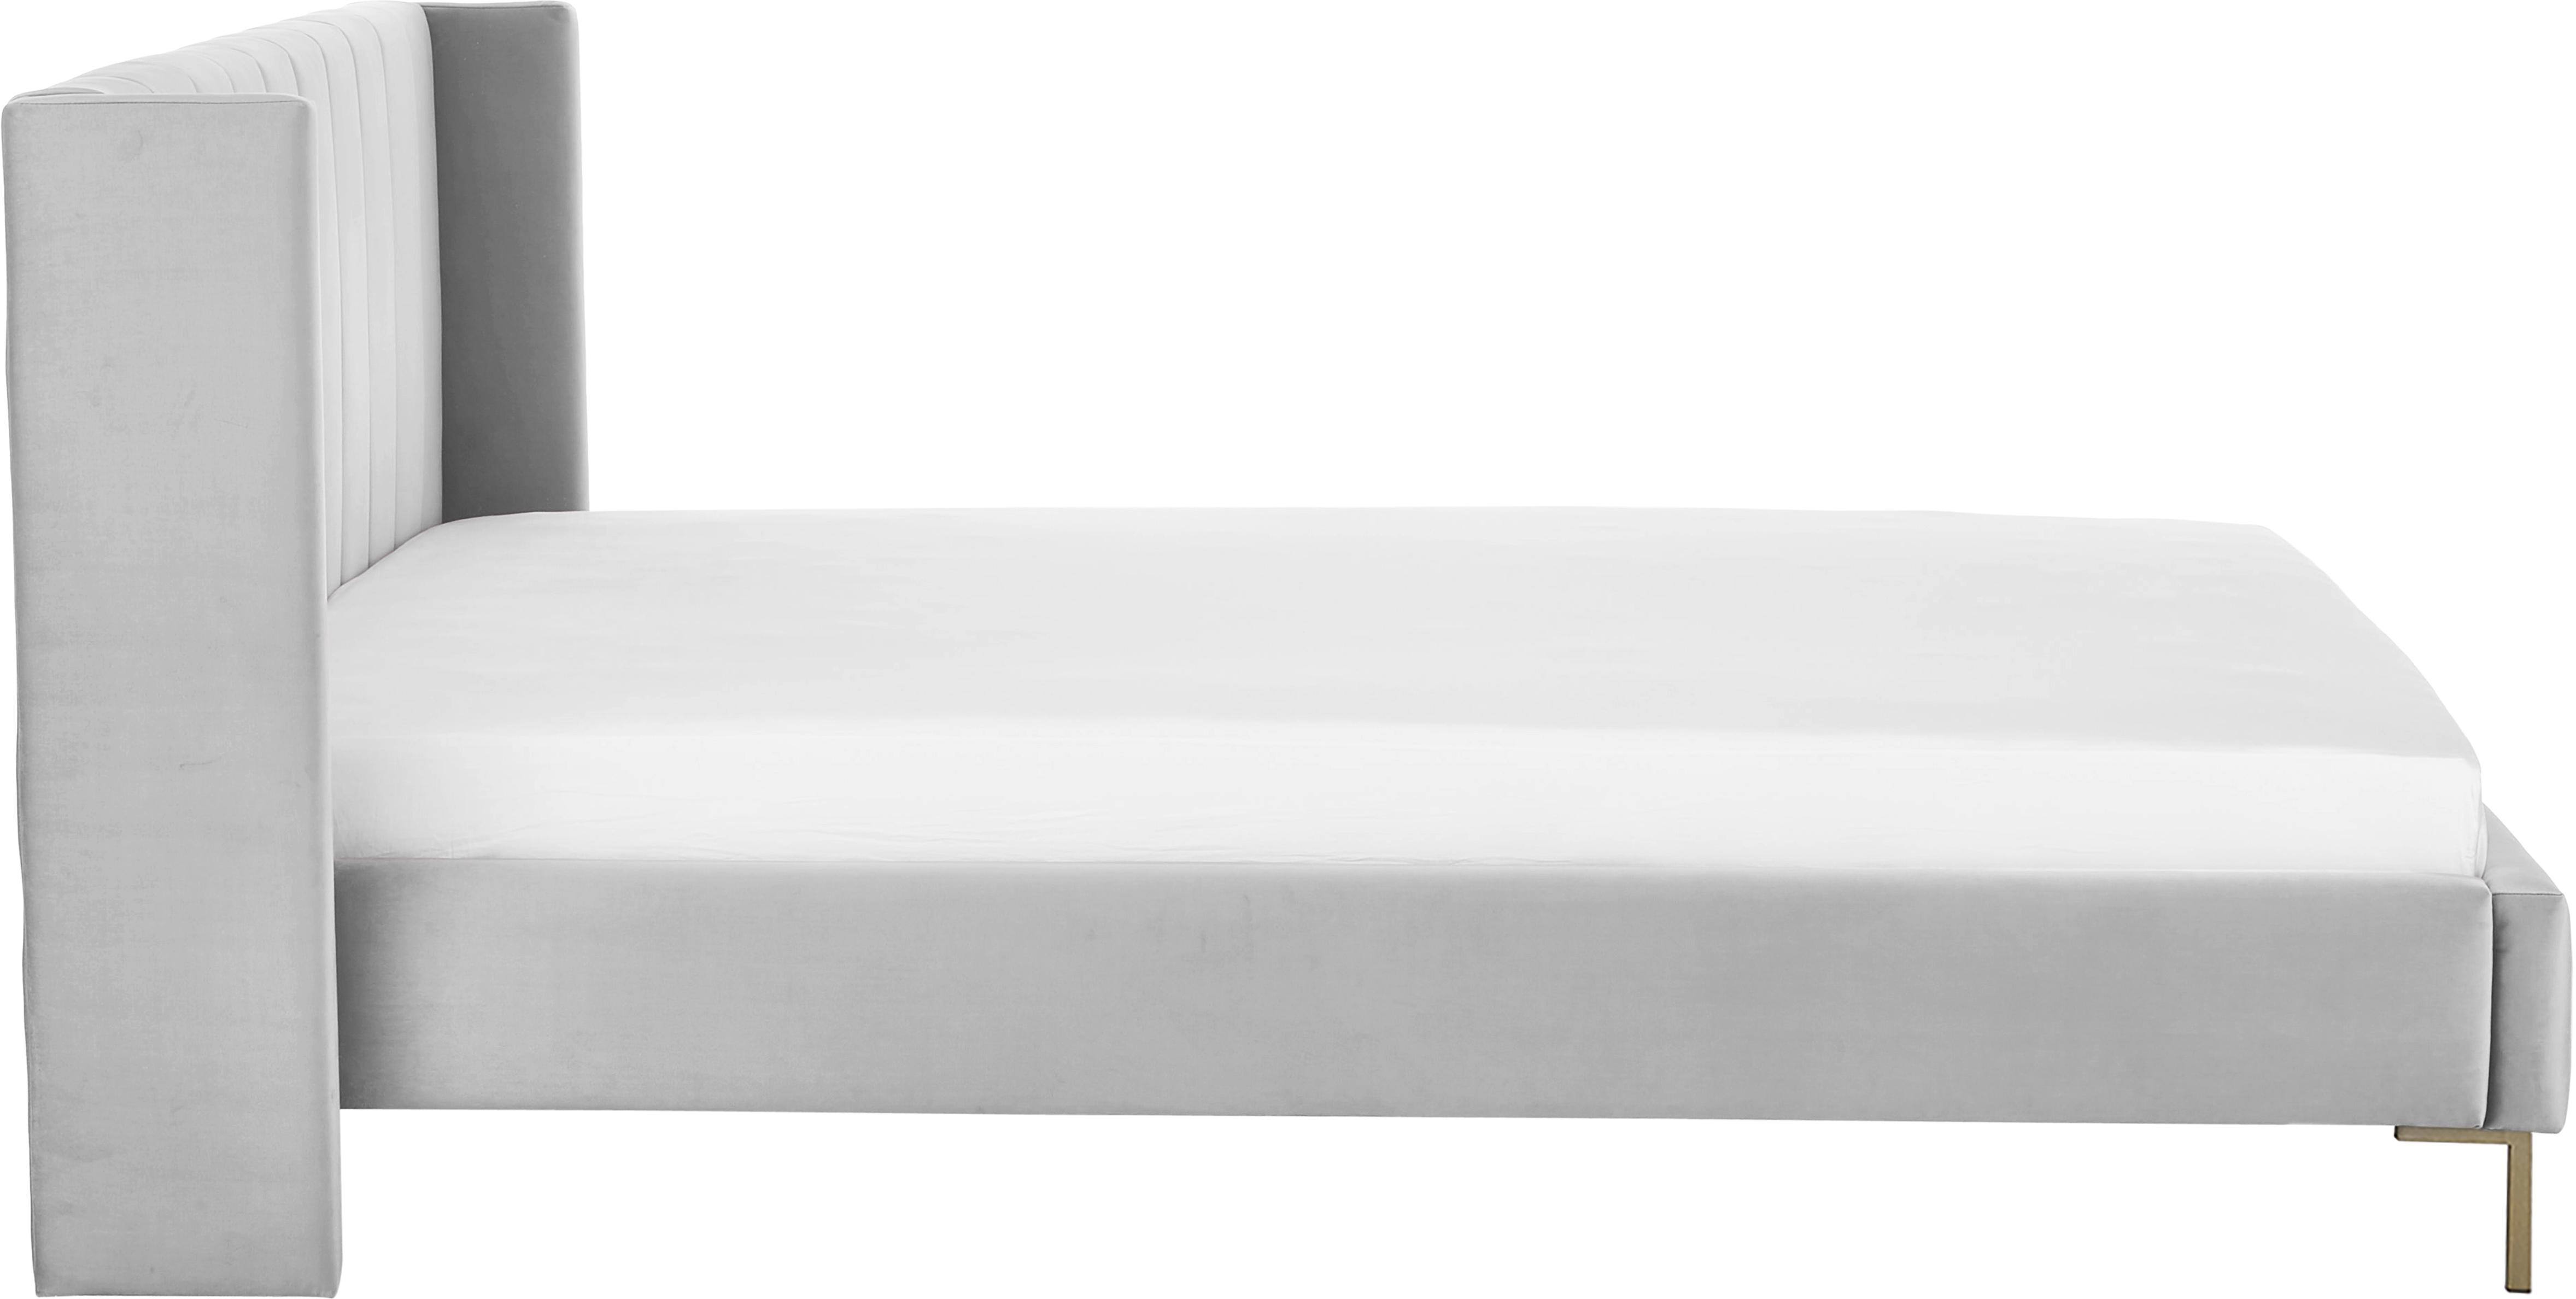 Fluwelen gestoffeerd bed Dusk, Frame: massief grenenhout, Poten: gepoedercoat metaal, Bekleding: polyester fluweel, Lichtgrijs, 180 x 200 cm